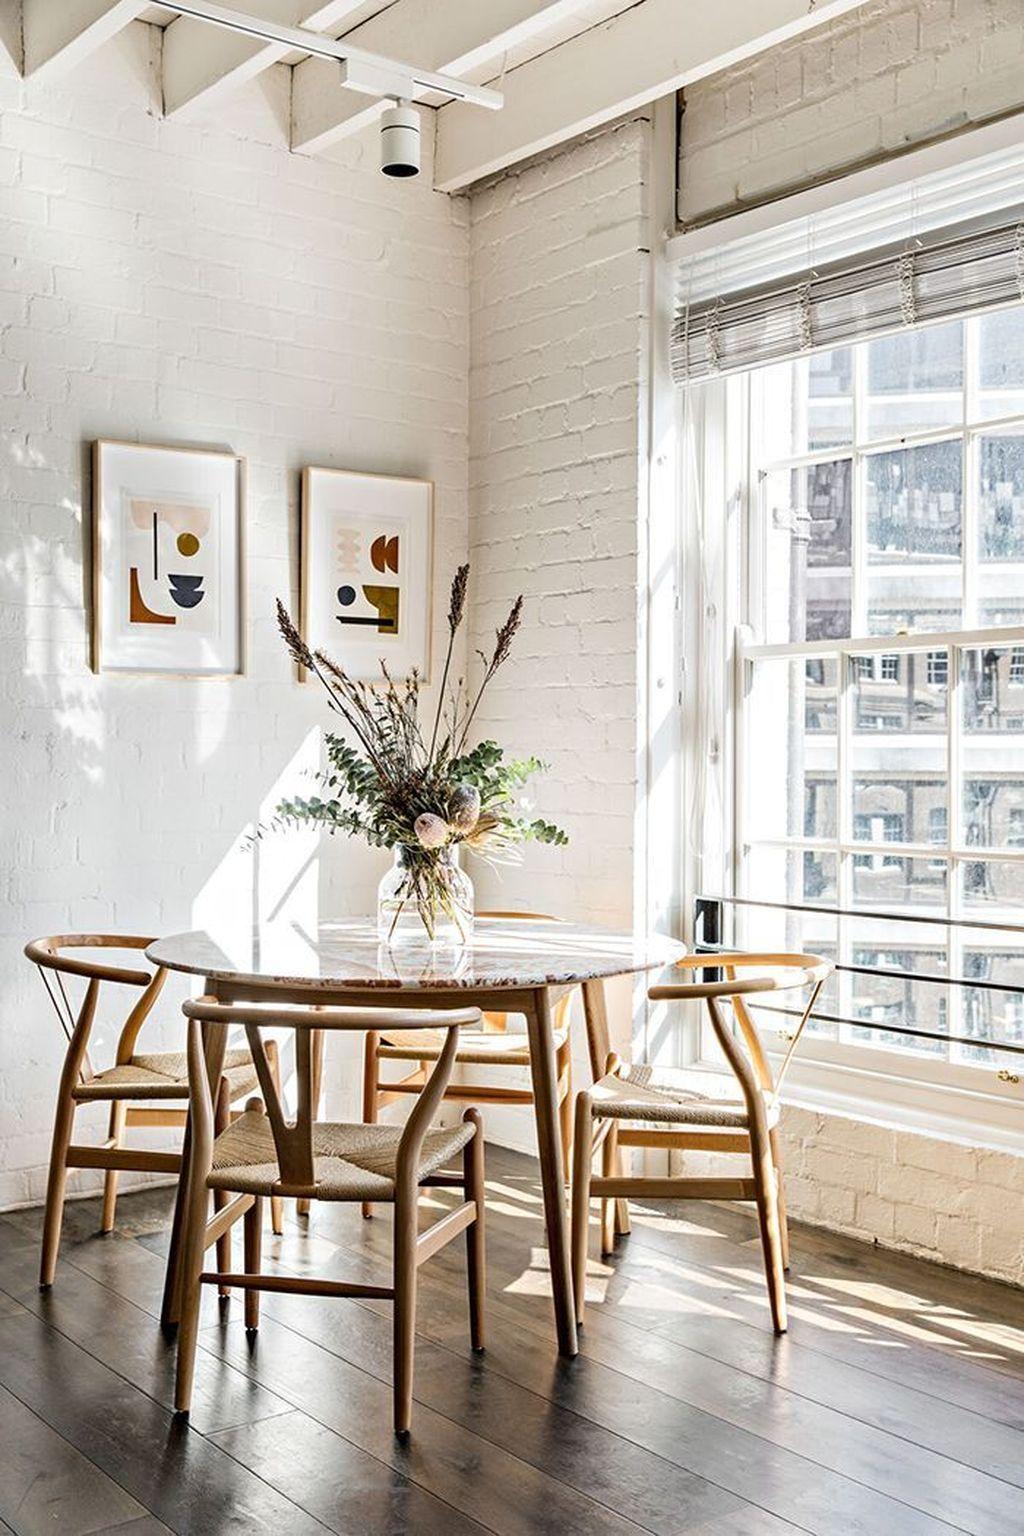 32 Admirable Dining Room Design Ideas Pimphomee Farmhouse Dining Room Dining Room Inspiration Dining Room Design